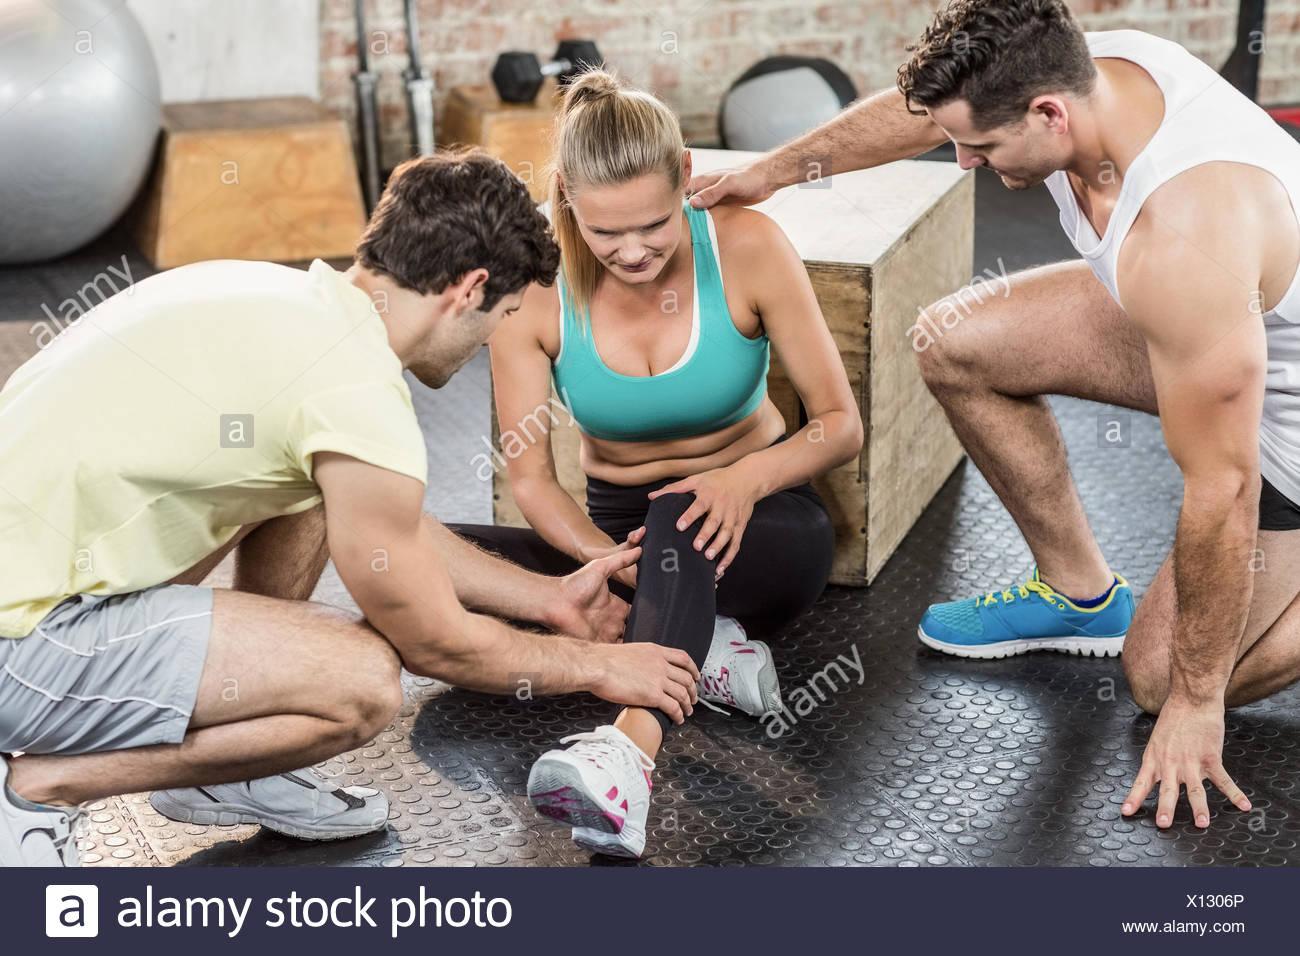 Muscular woman having an knee injury - Stock Image